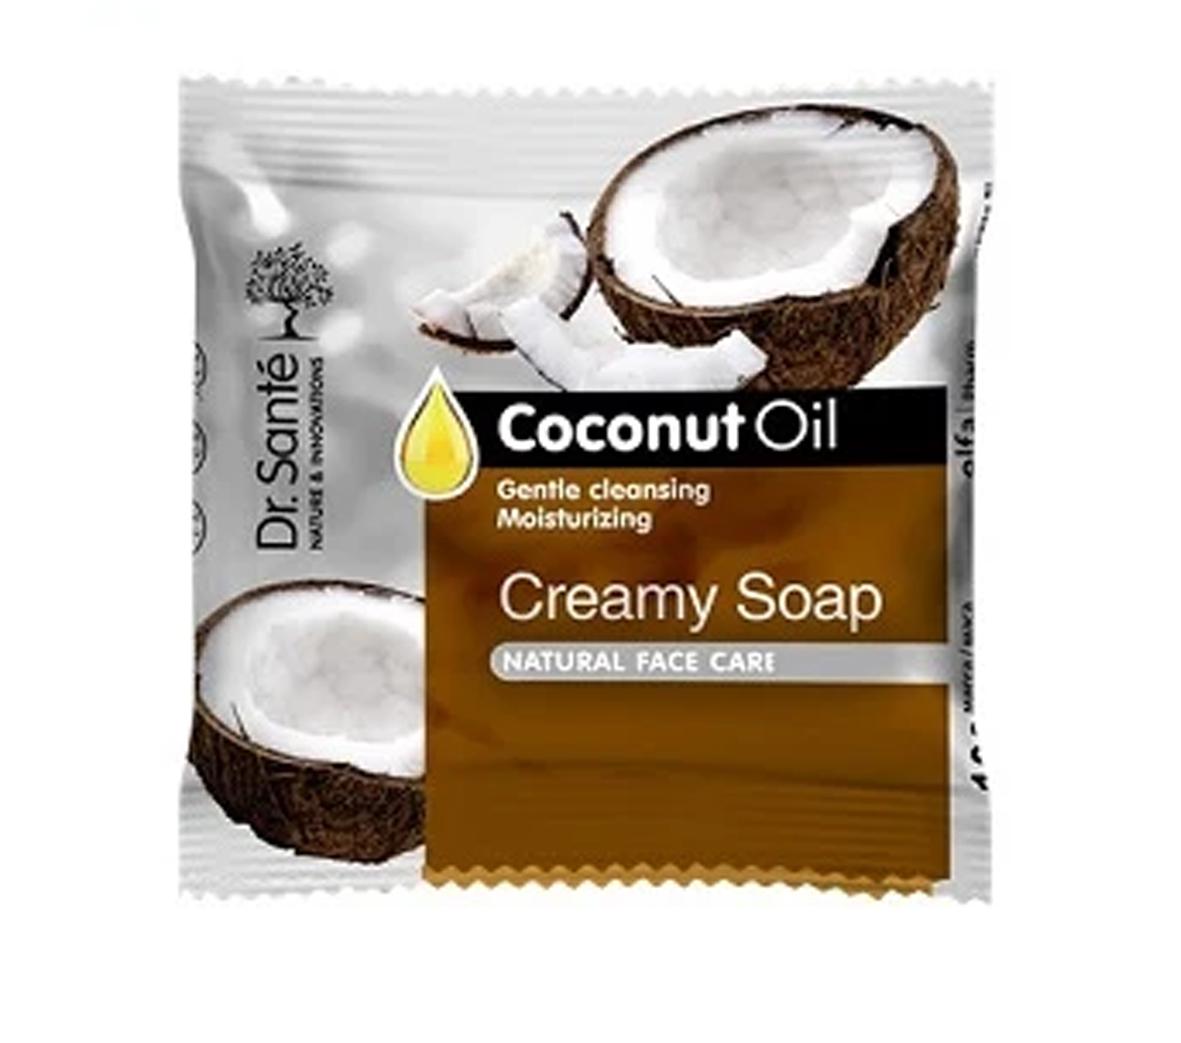 Dr. Santé kokosový olej - krémové mýdlo, 100 g